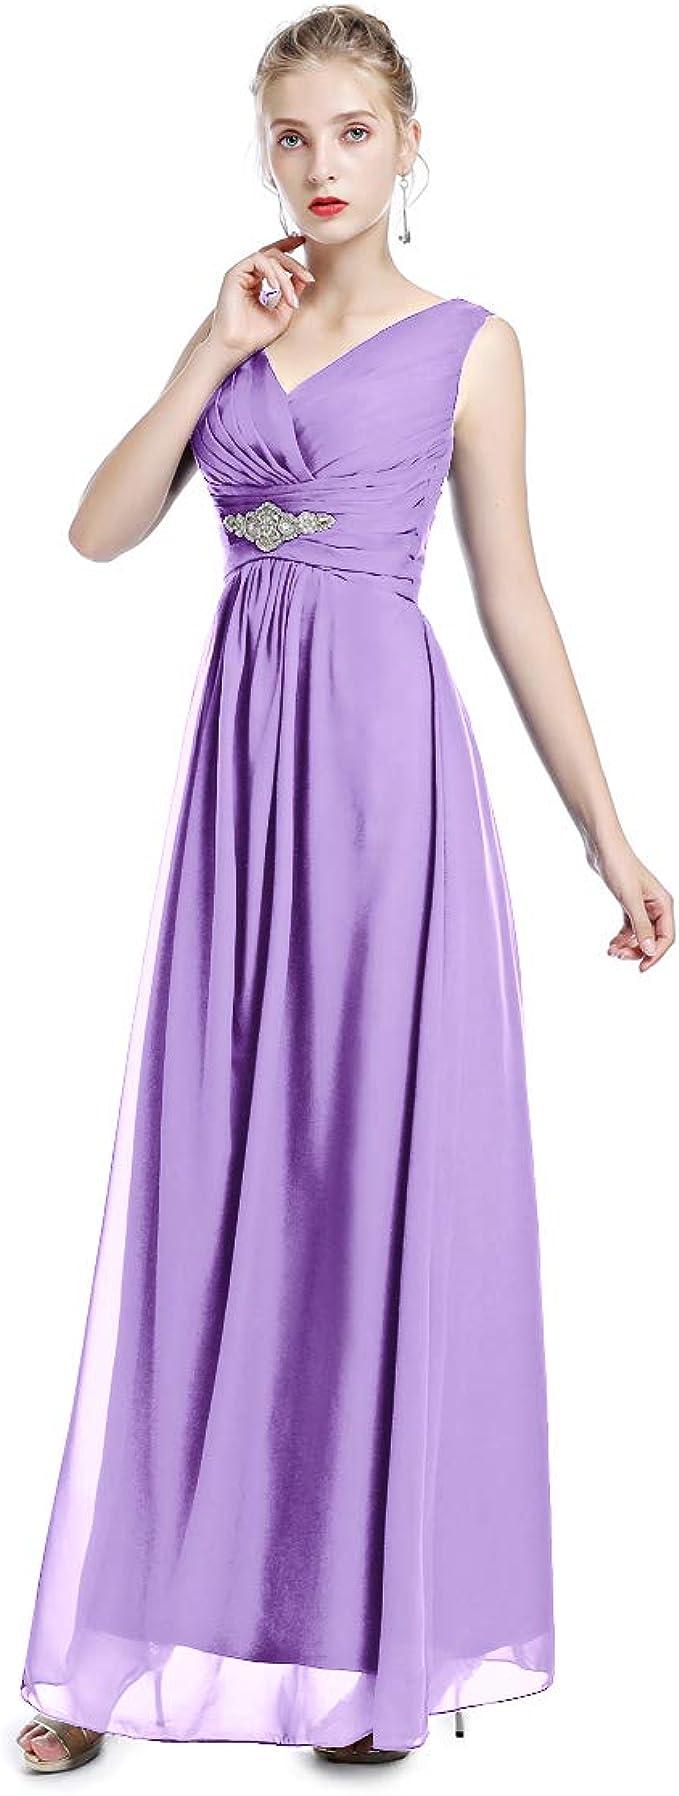 Damen V-Ausschnitt Chiffon Abendkleider Brautjungfernkleid Festkleid  A-Linie Lang Maxikleid Ballkleider Partykleider Frauen Brautkleider  Cocktailkleid